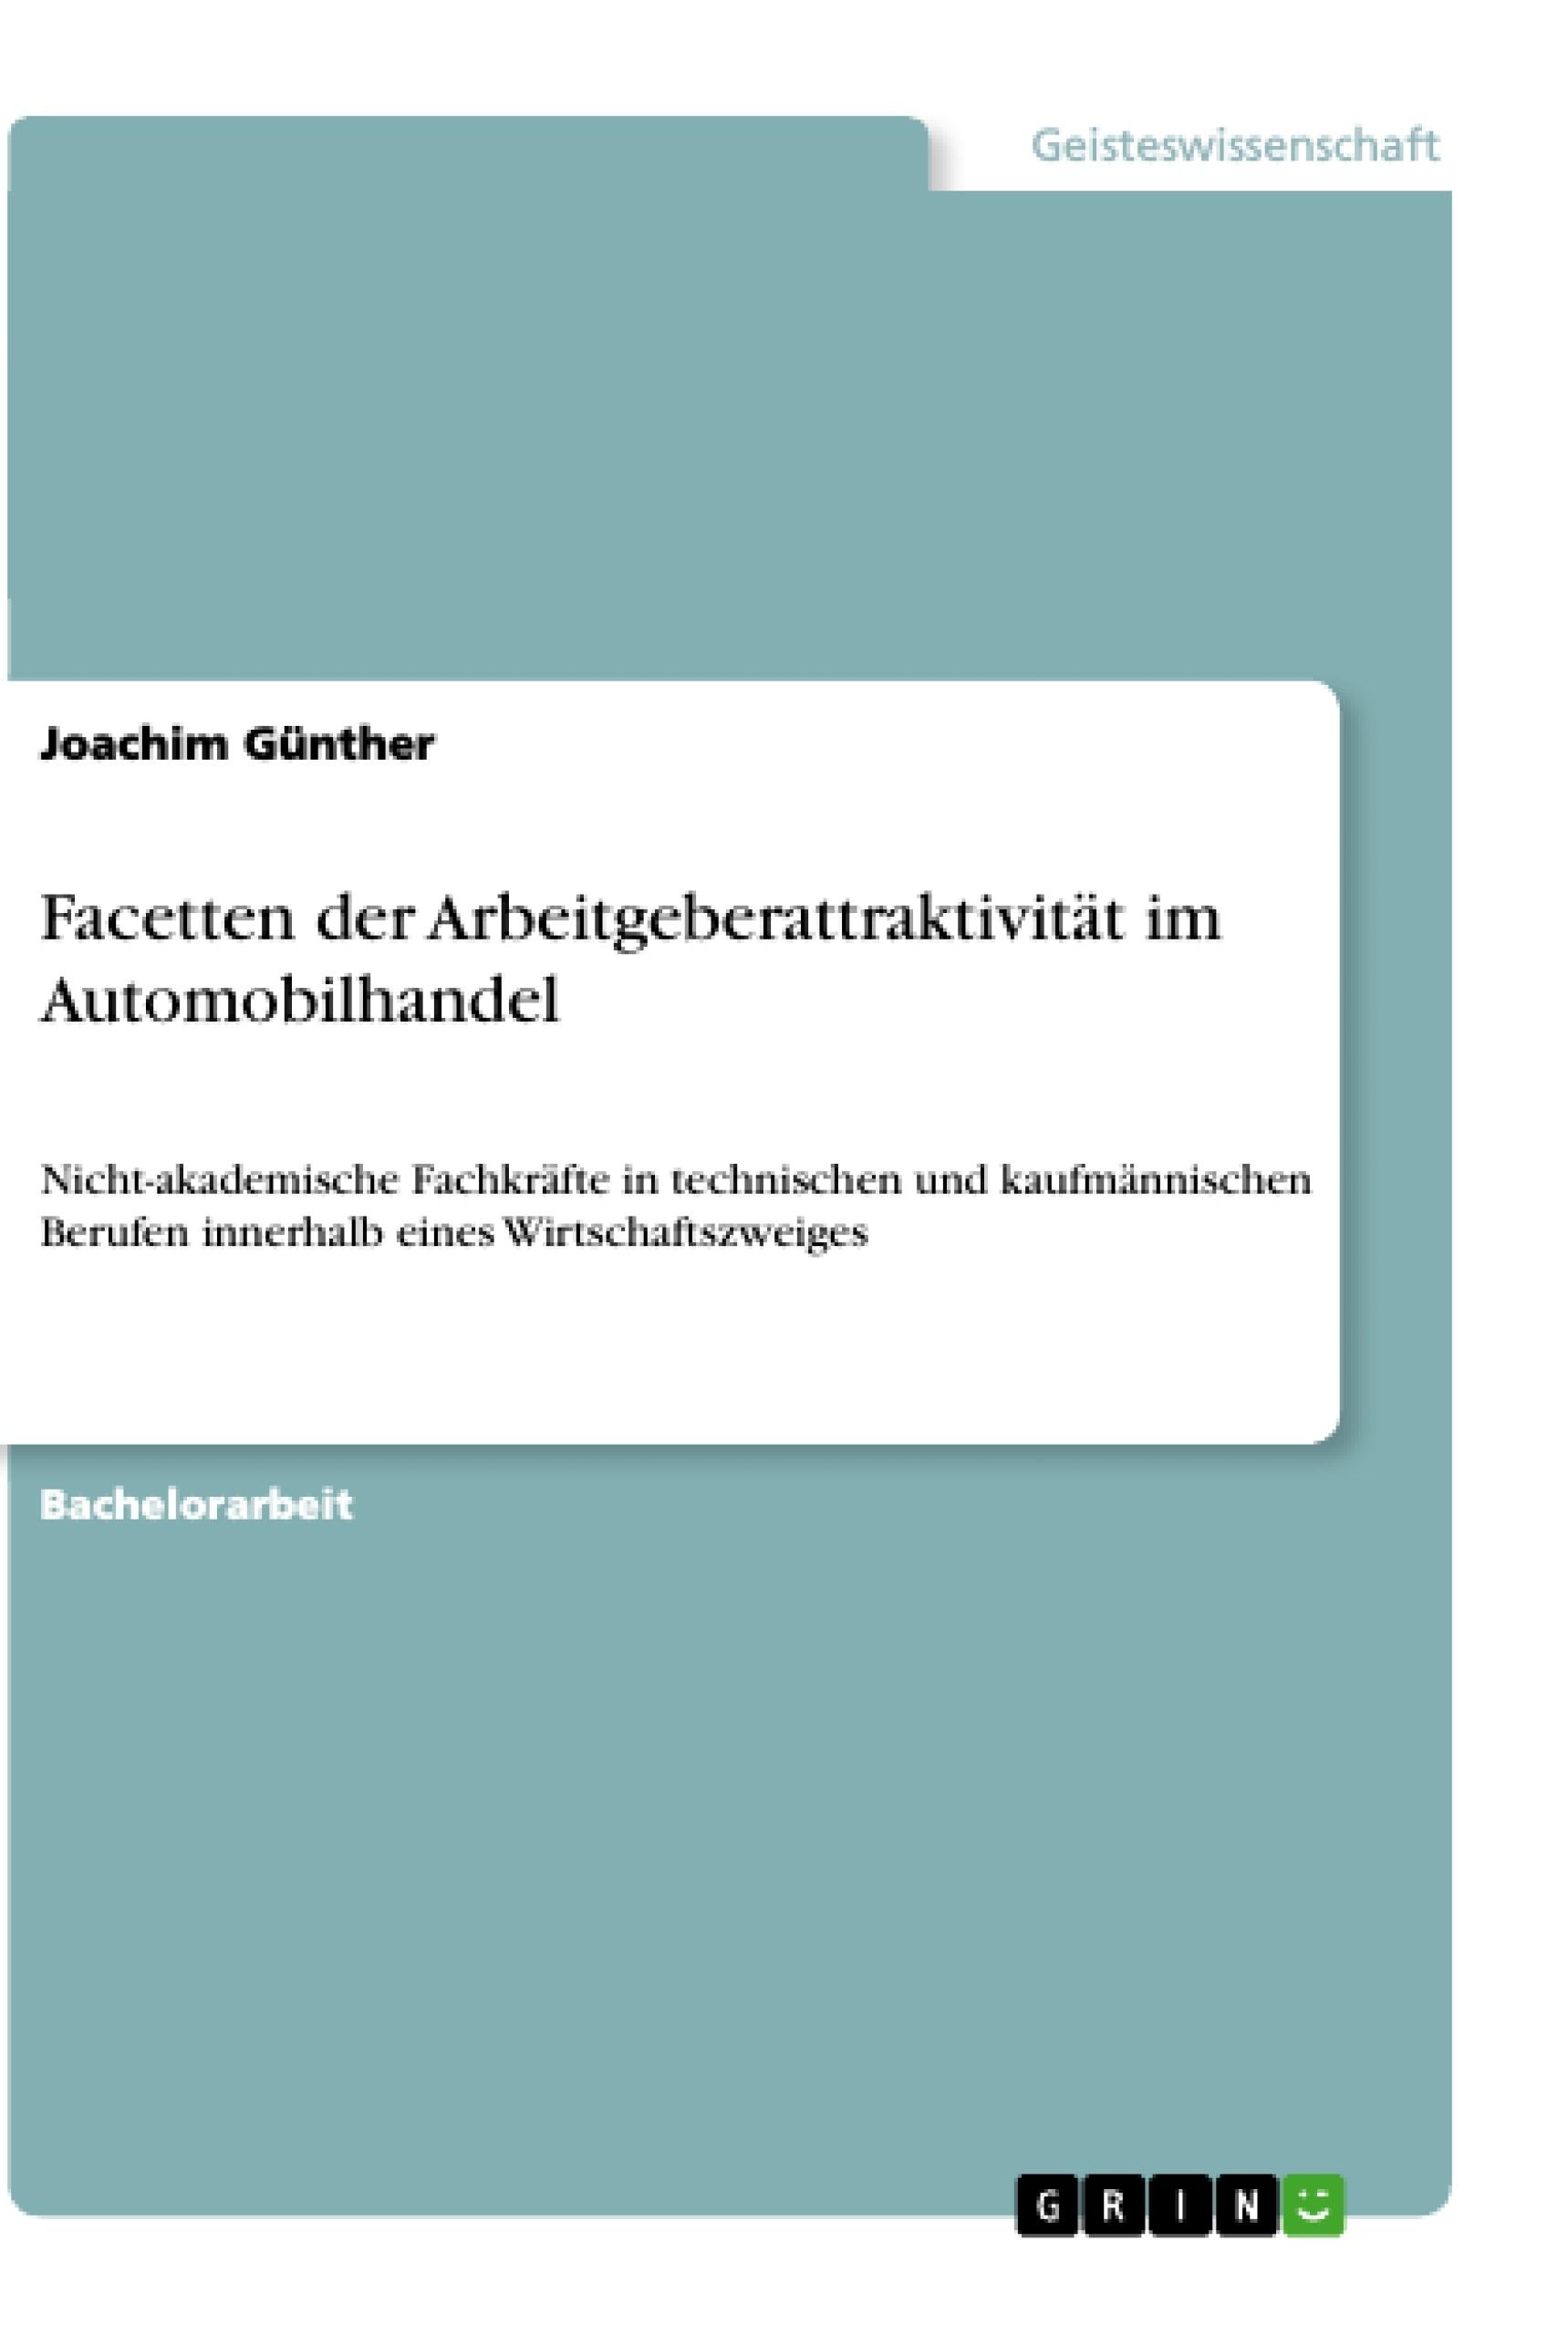 Titel: Facetten der Arbeitgeberattraktivität im Automobilhandel